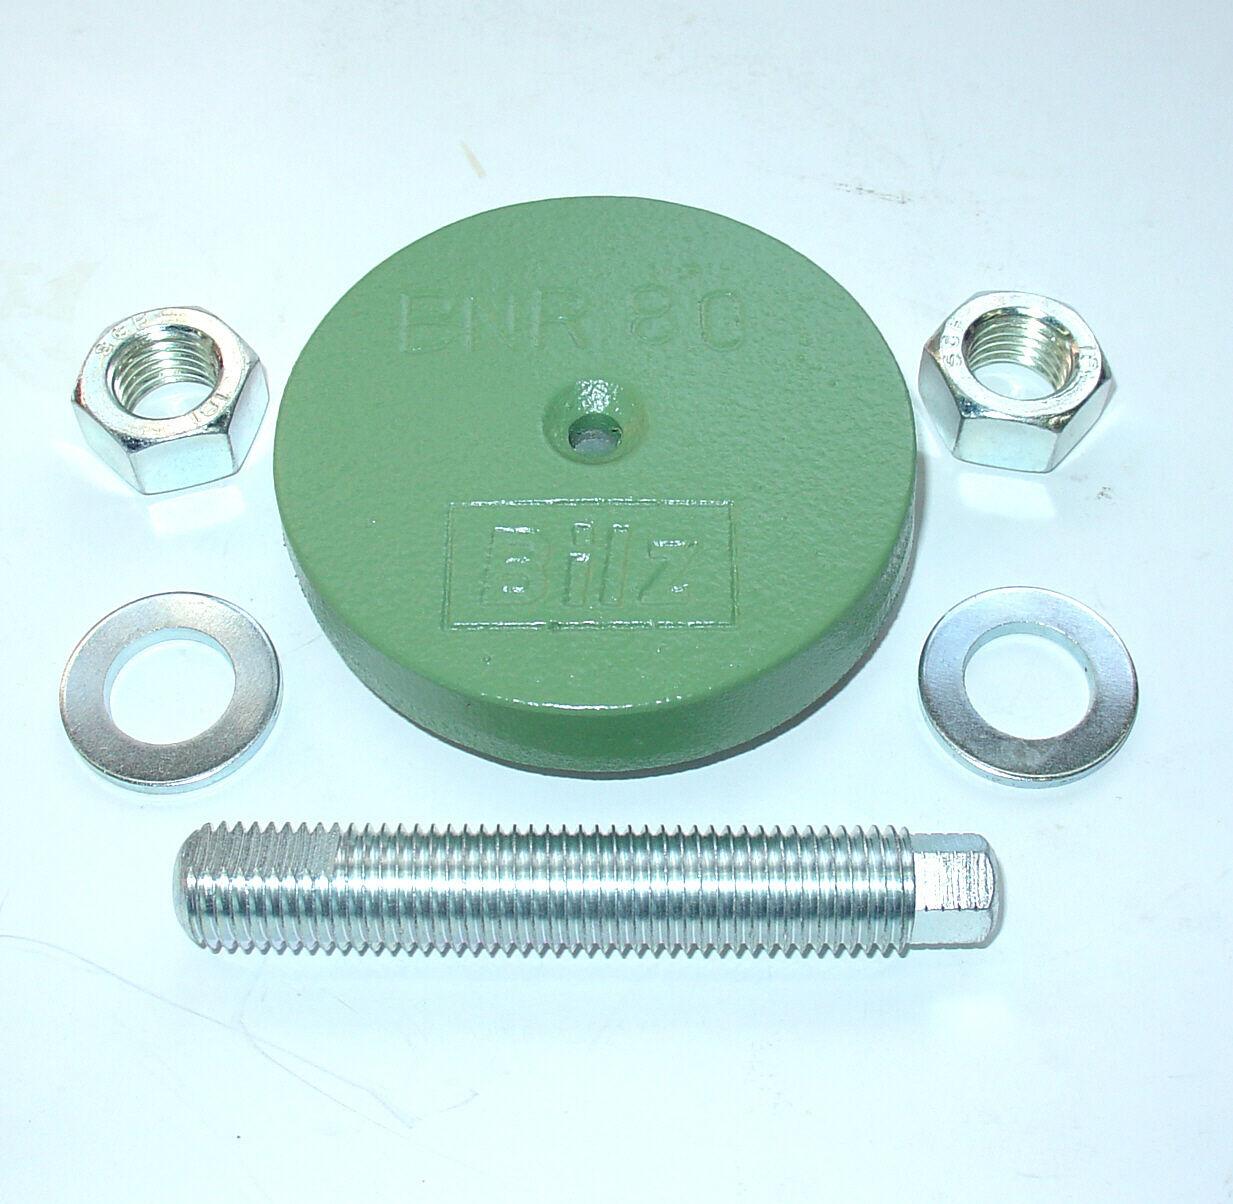 Drehmaschine 4 Maschinenfüße D84 M16x100 grau NEU Fräsmaschine